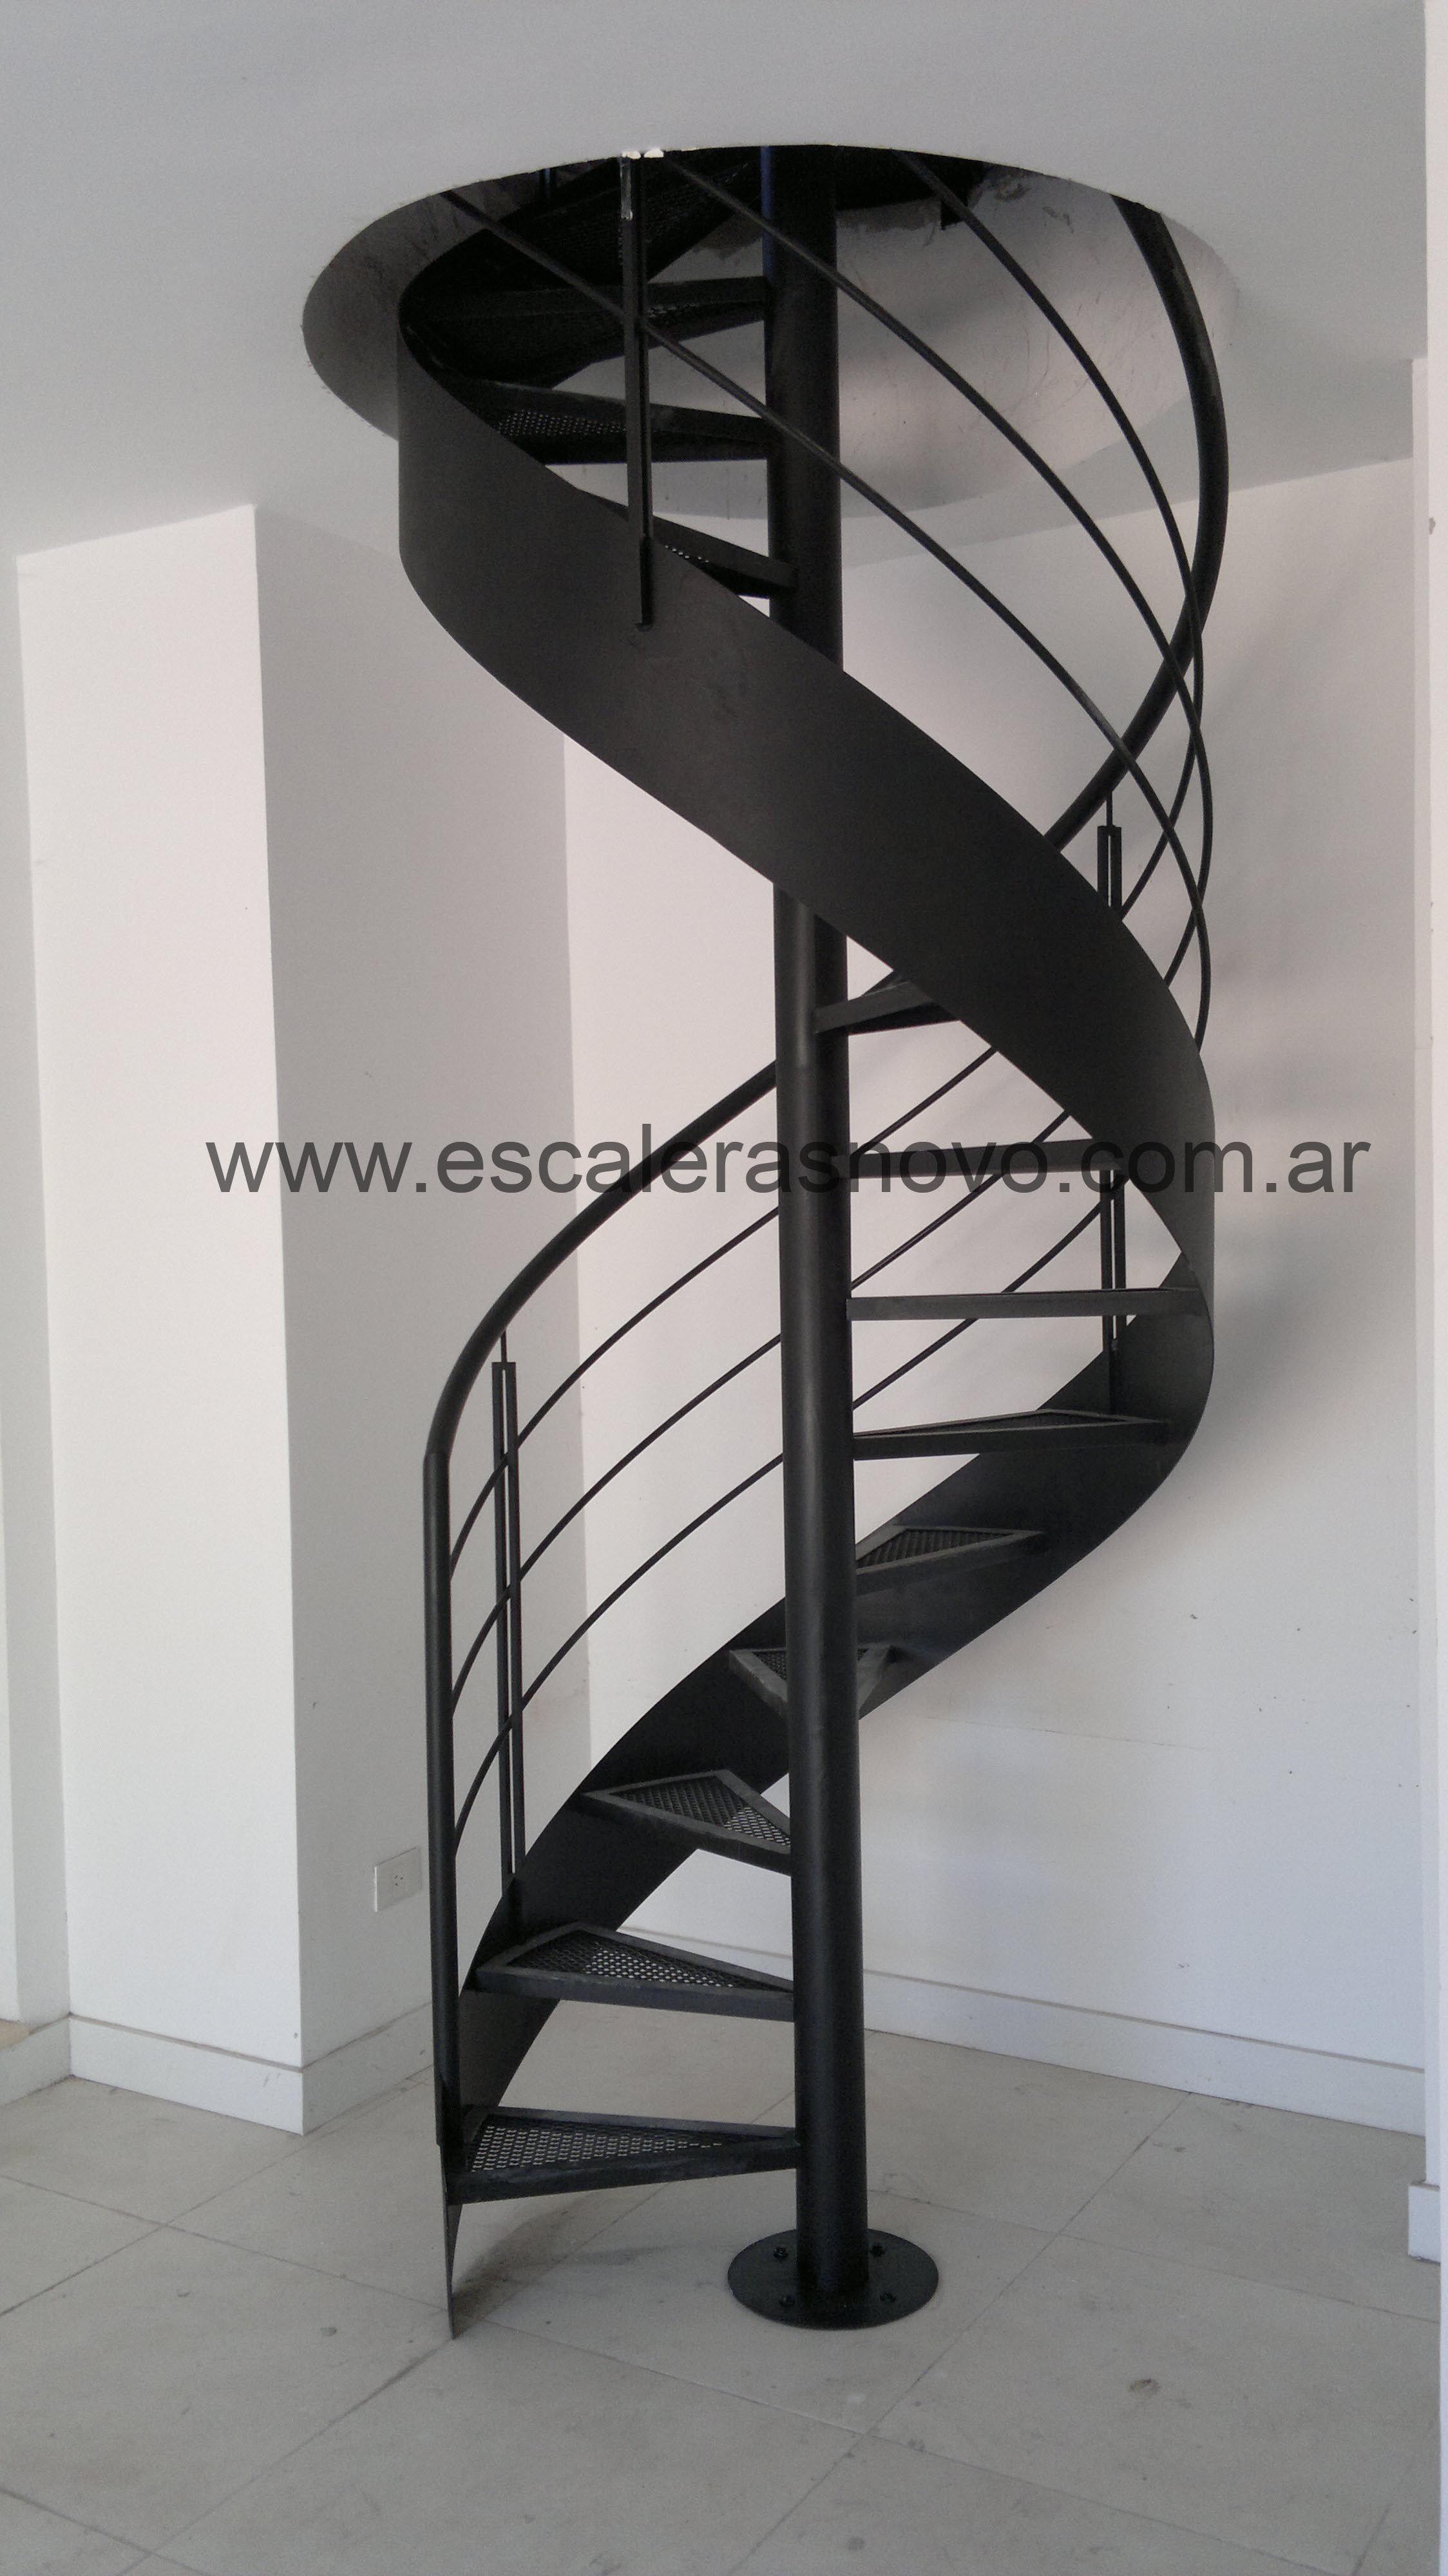 Escalera caracol con cinta n 24 venta de escaleras y for Ver escaleras de caracol